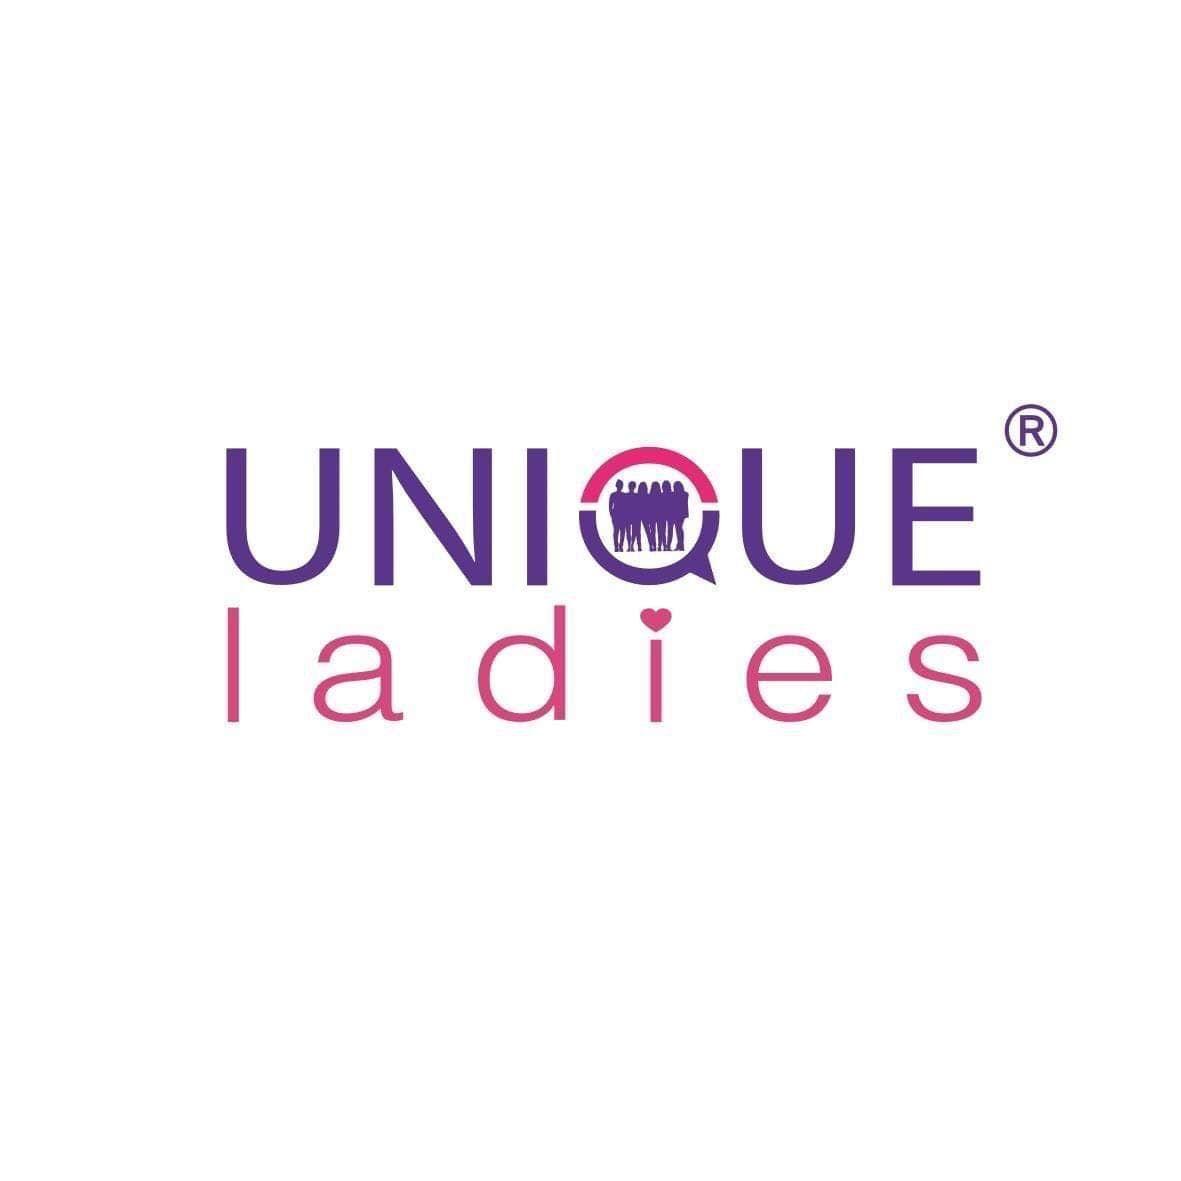 Unique Ladies Blackpool